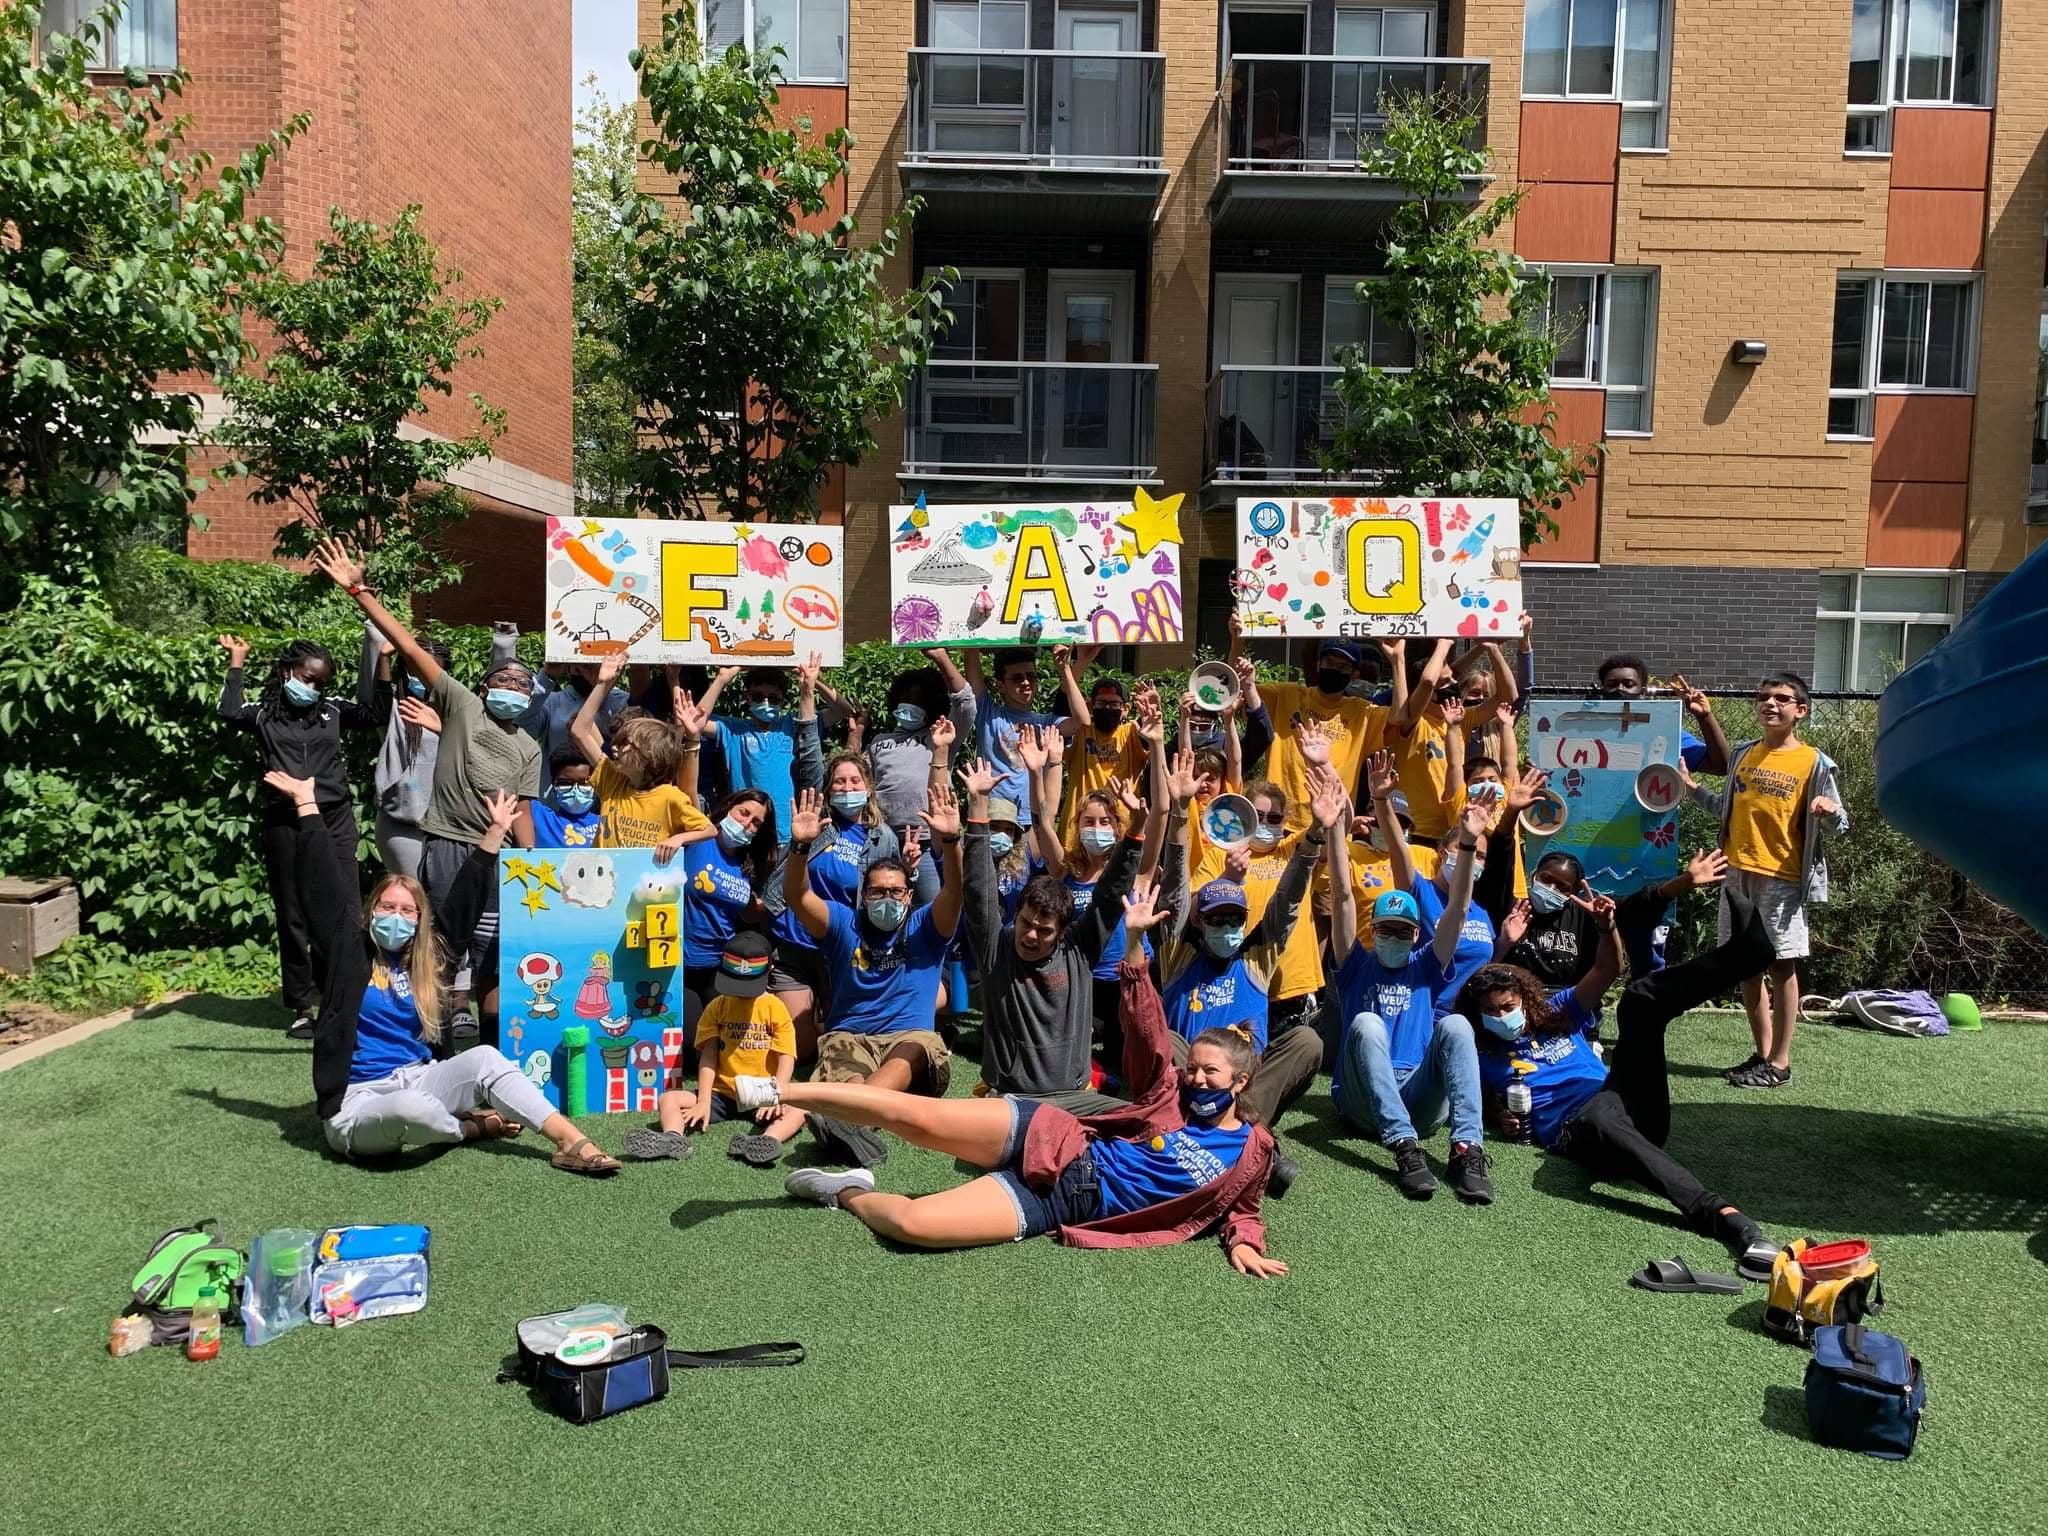 Description de l'image : Une photo de groupe avec la réalisation du projet artistique composé de 3 pancartes contenant les lettres «FAQ» décorés.